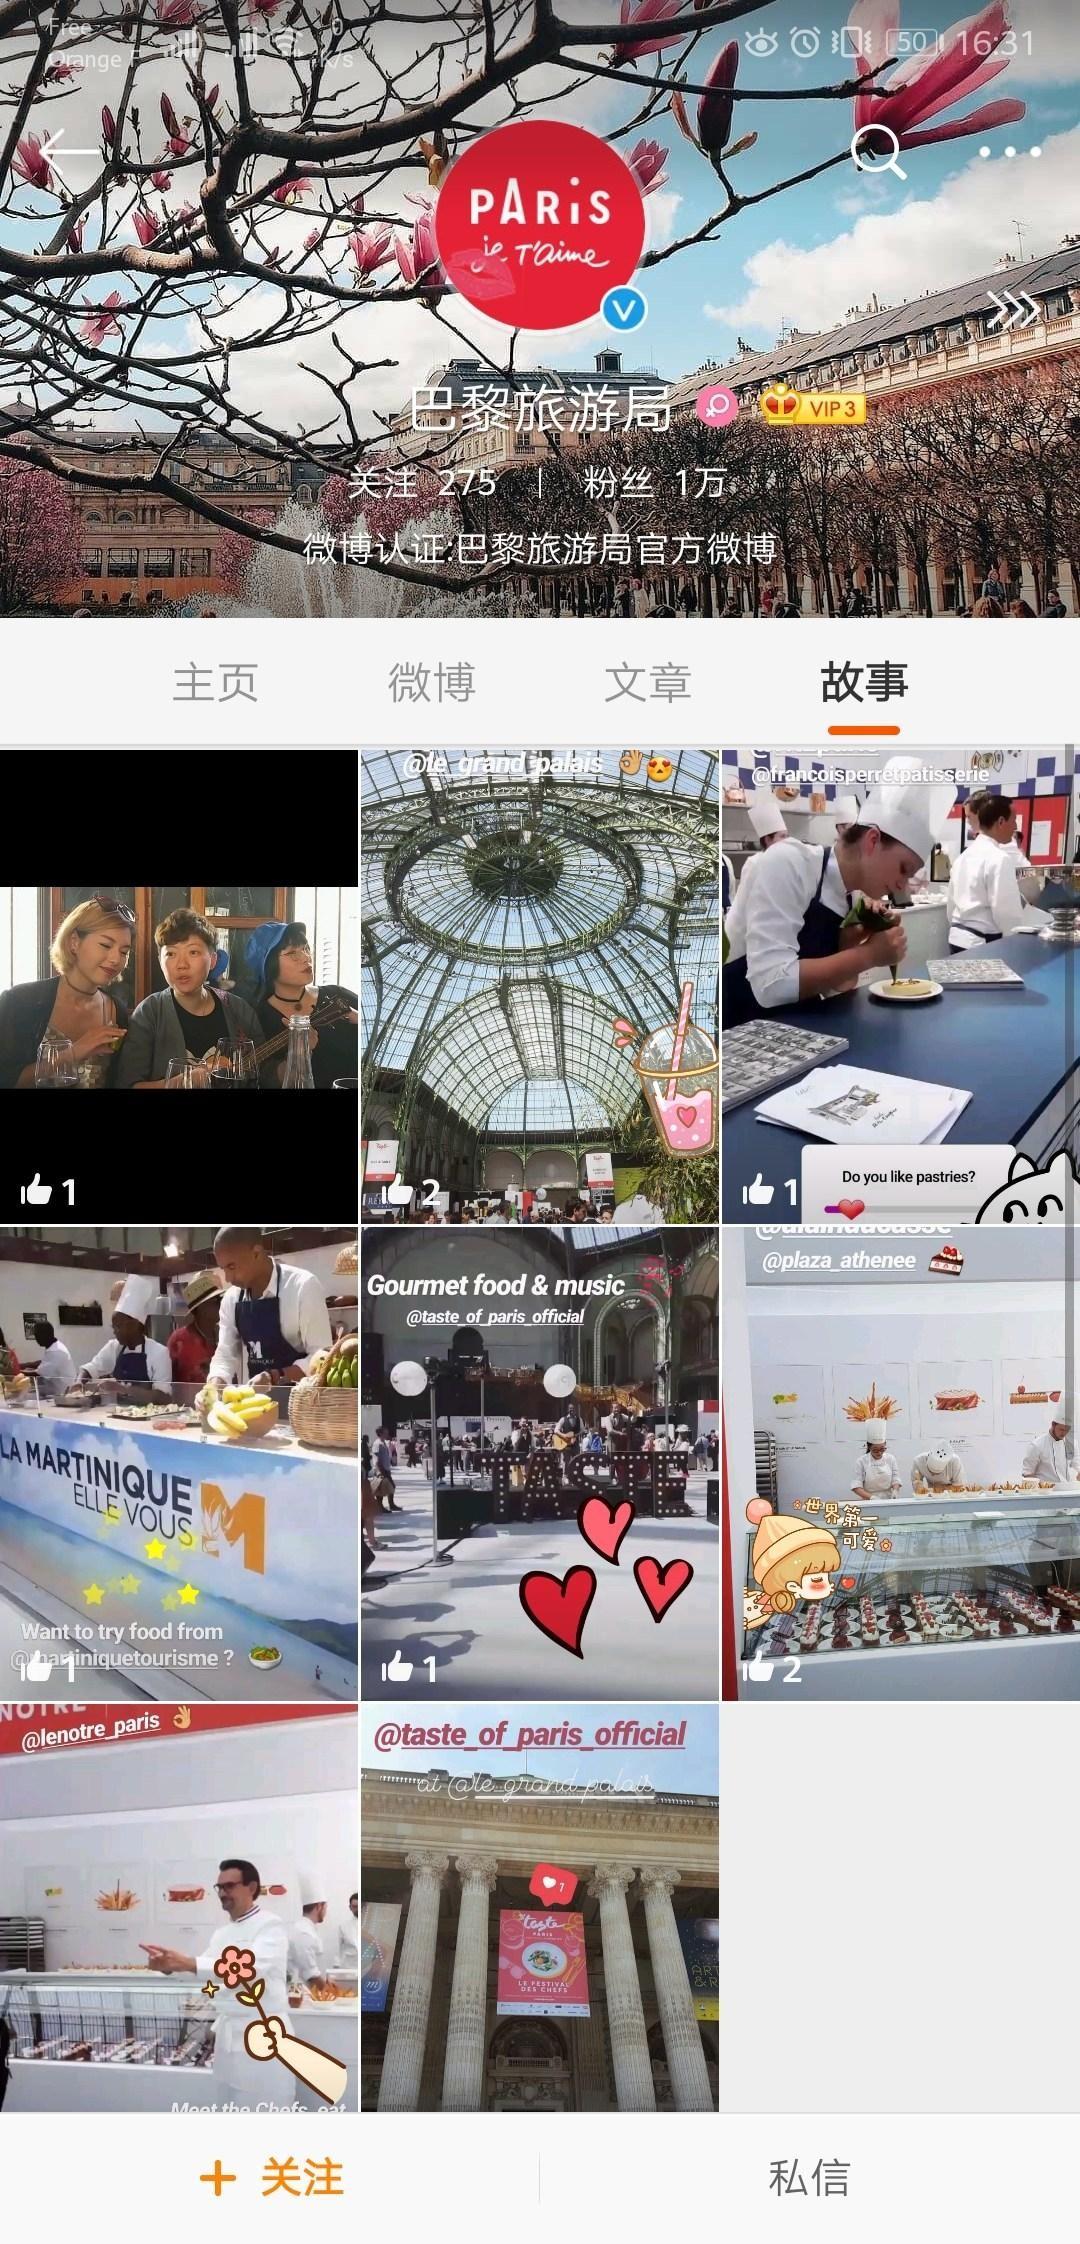 Office de tourisme Paris, Weibo Official Account